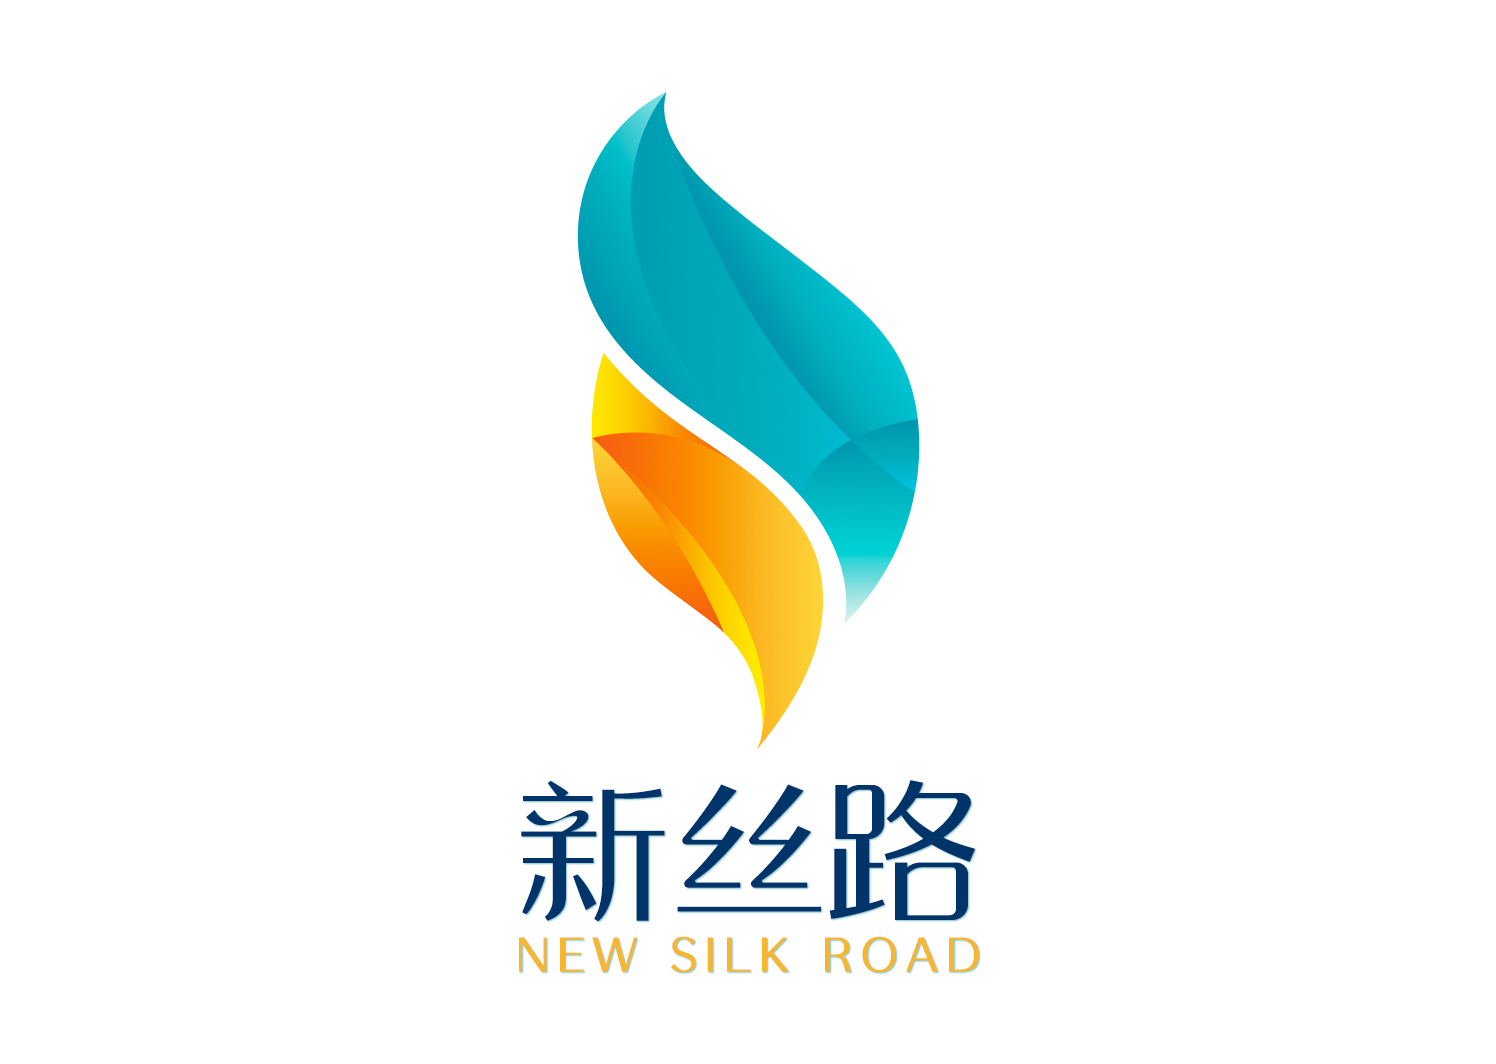 海南新丝路旅行社有限公司